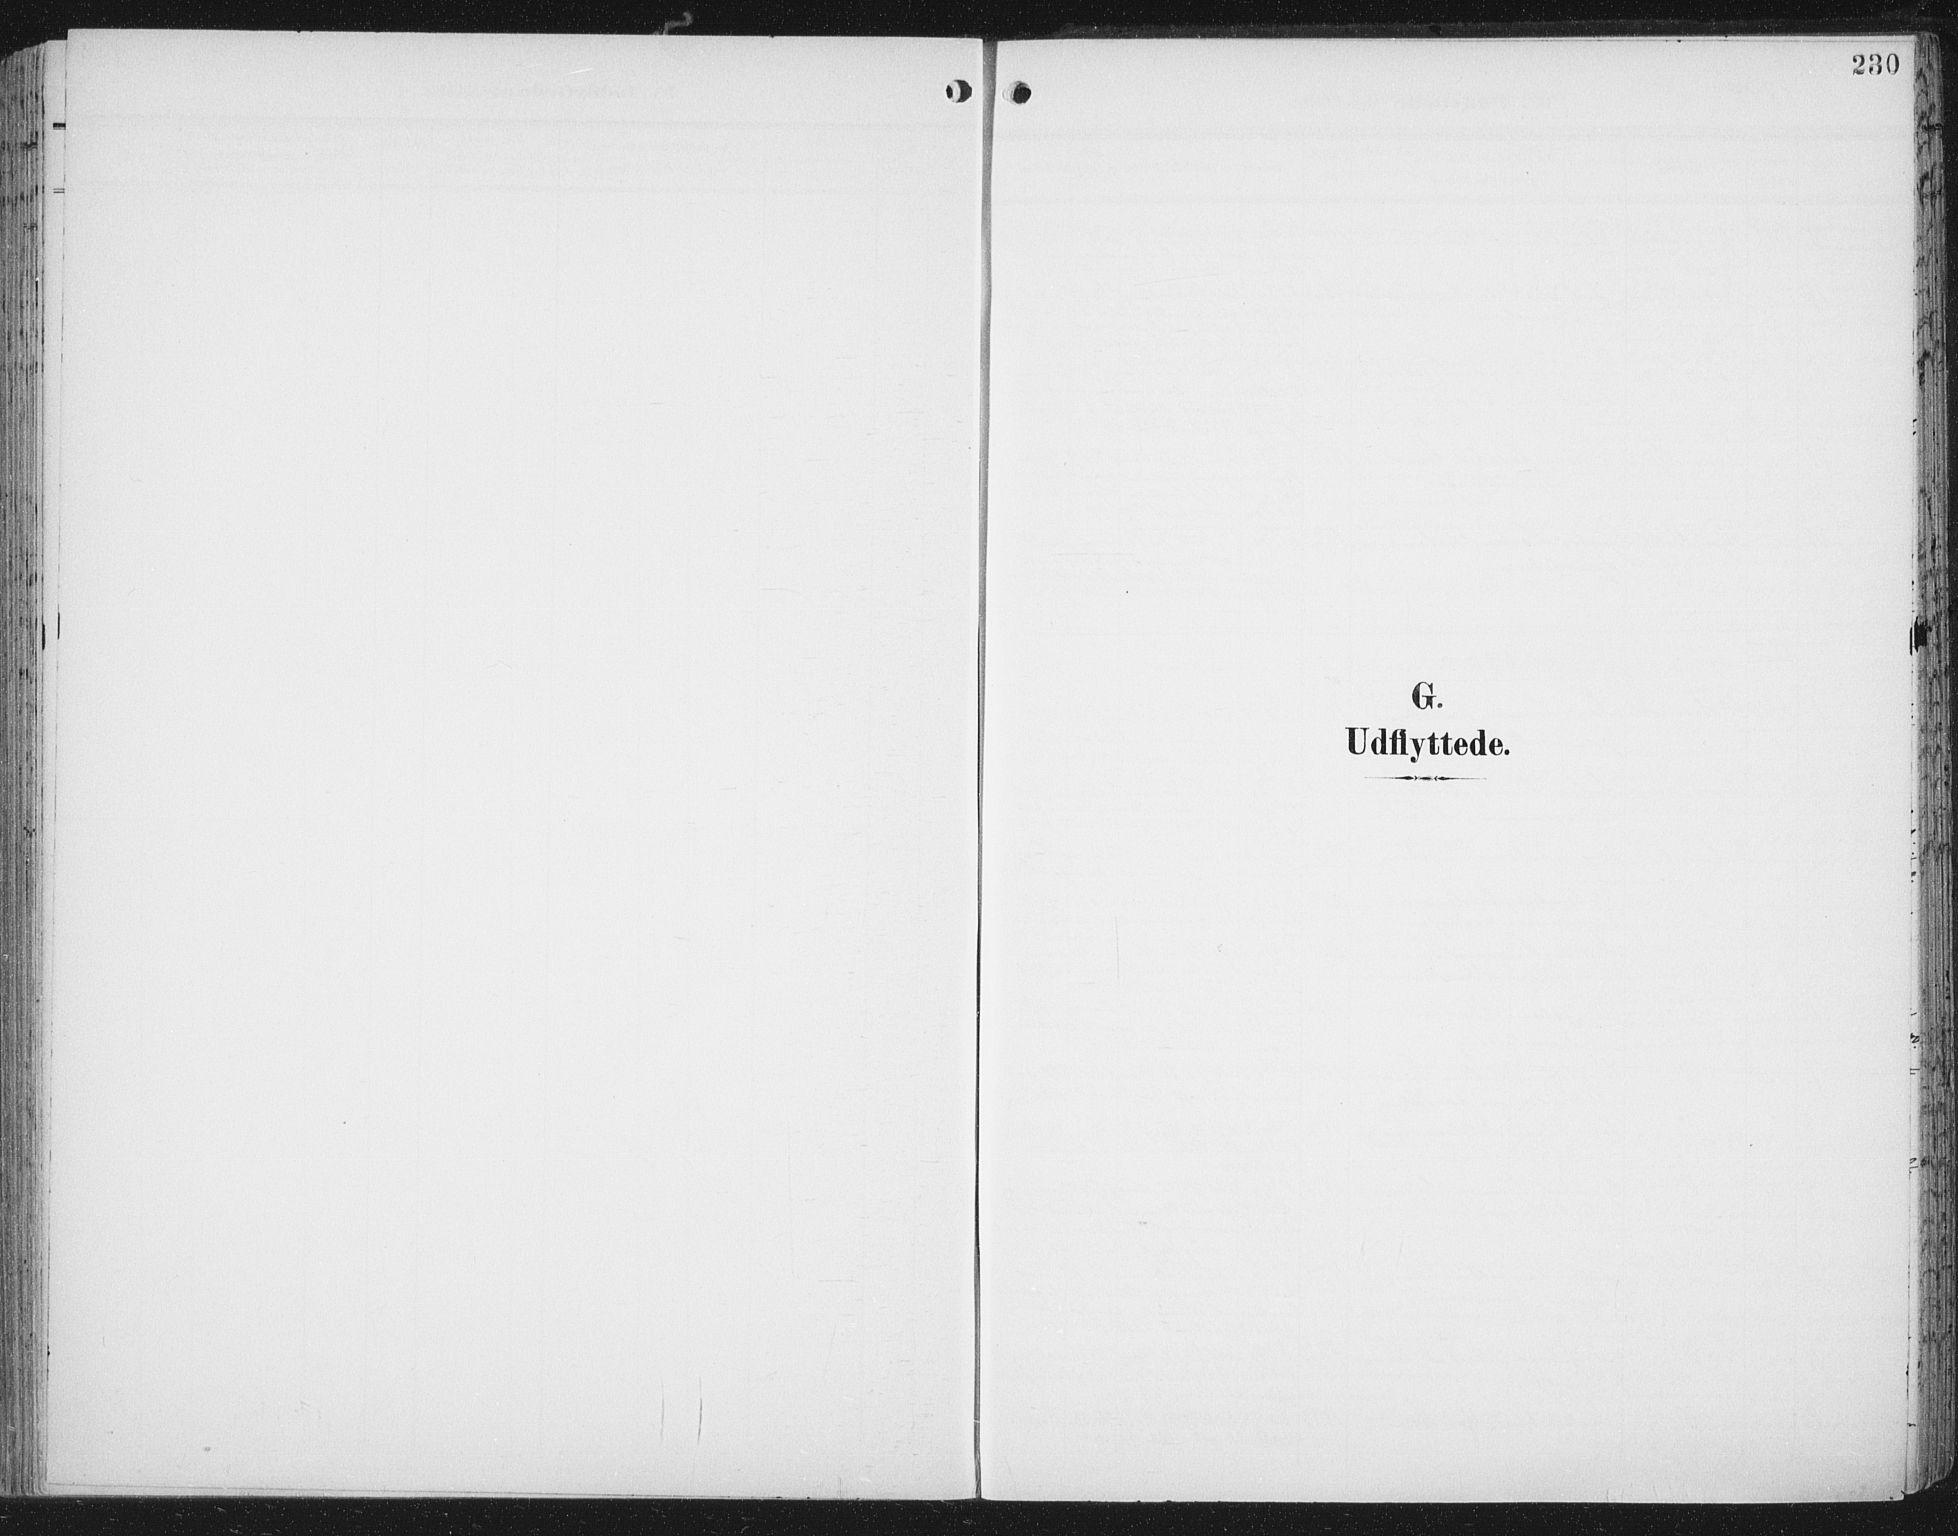 SAT, Ministerialprotokoller, klokkerbøker og fødselsregistre - Nord-Trøndelag, 701/L0011: Parish register (official) no. 701A11, 1899-1915, p. 230